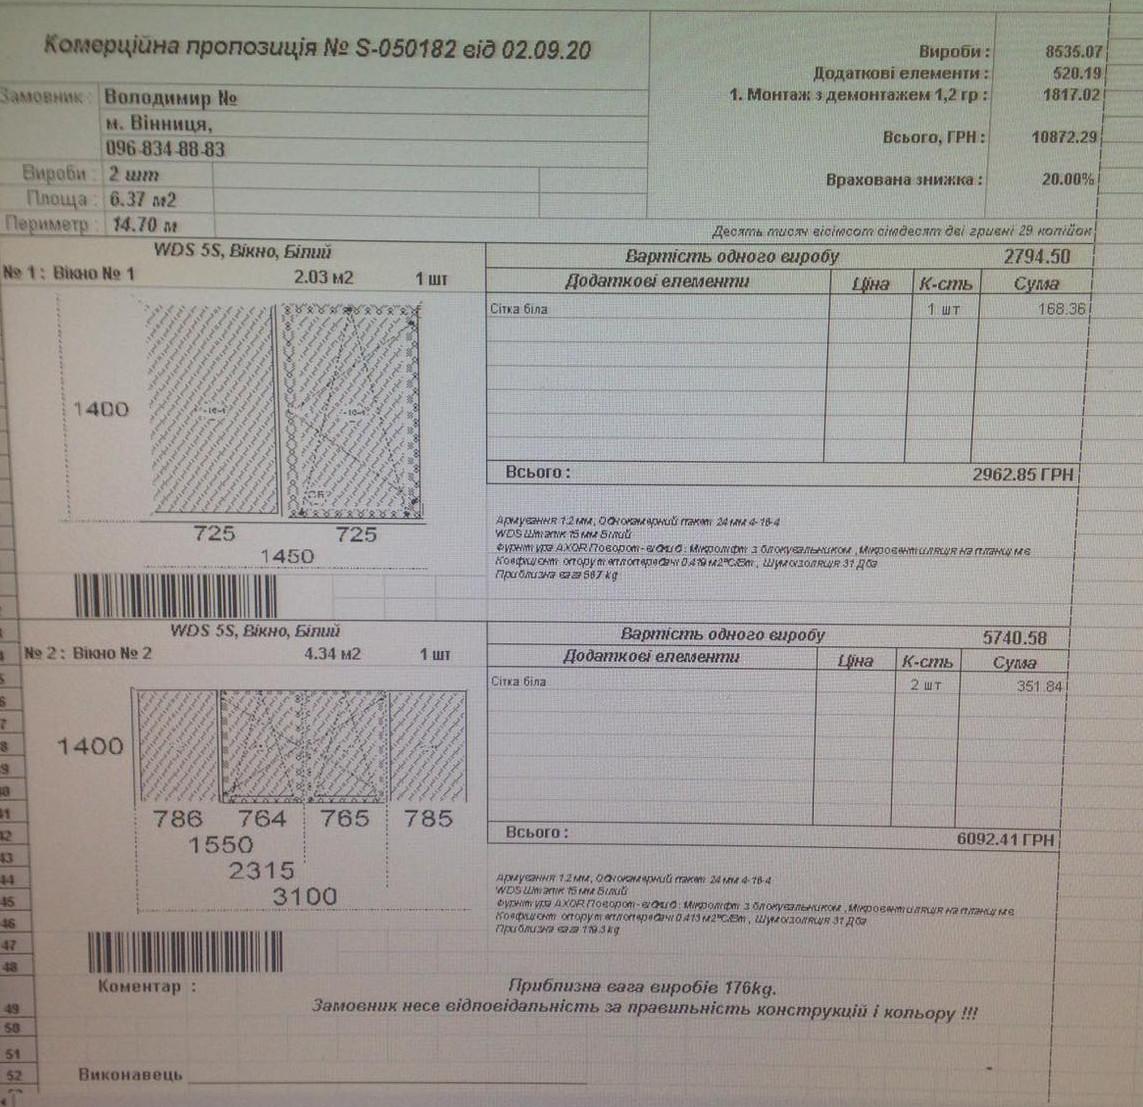 Балкон 310*140 - ціна 6092грн., вікно 145*140 - ціна 2962грн.